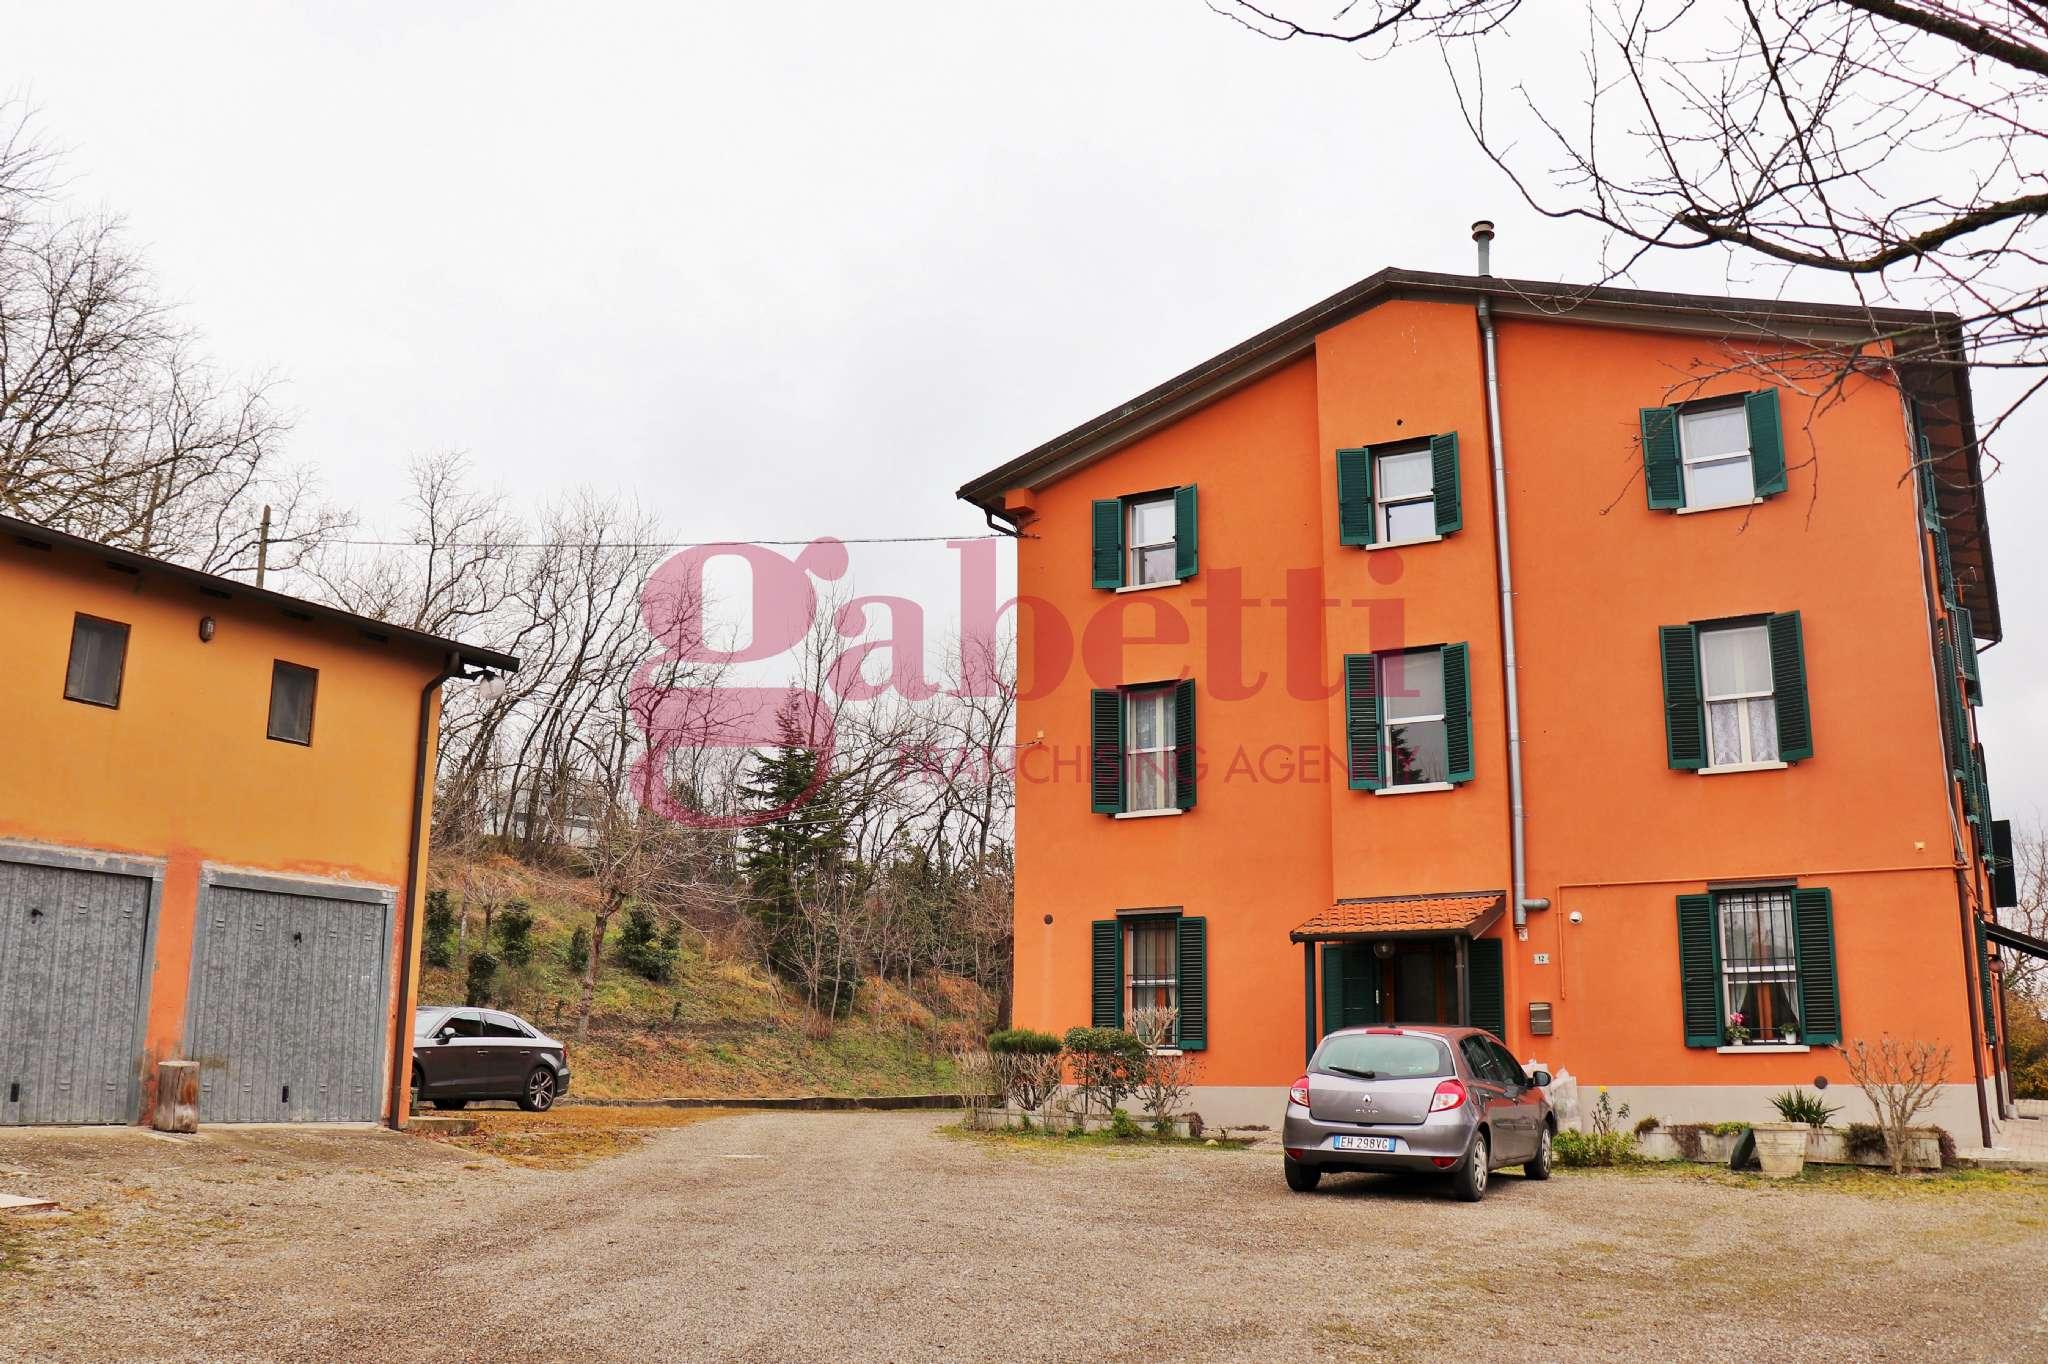 Foto 1 di Appartamento via anna donini 14, Pianoro